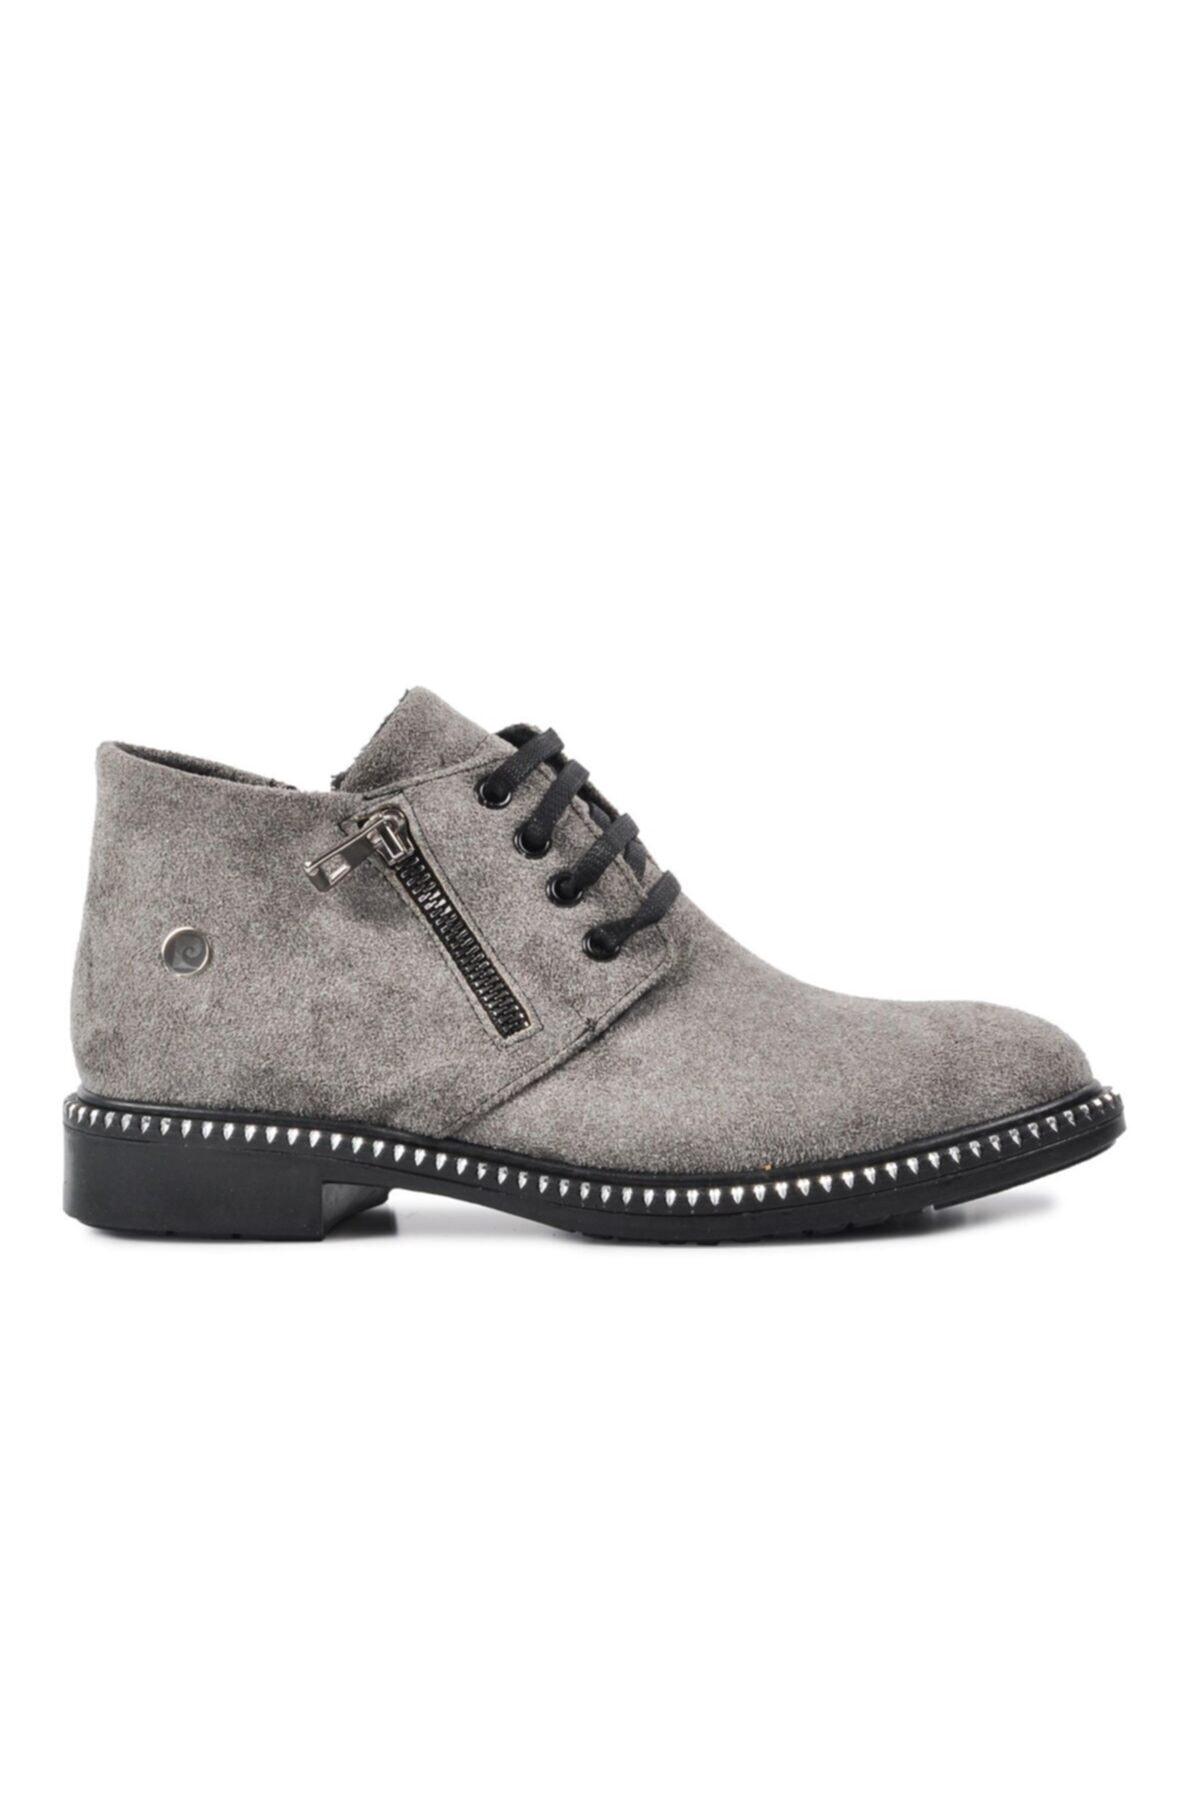 Pierre Cardin Kadın Günlük Ayakkabı 1